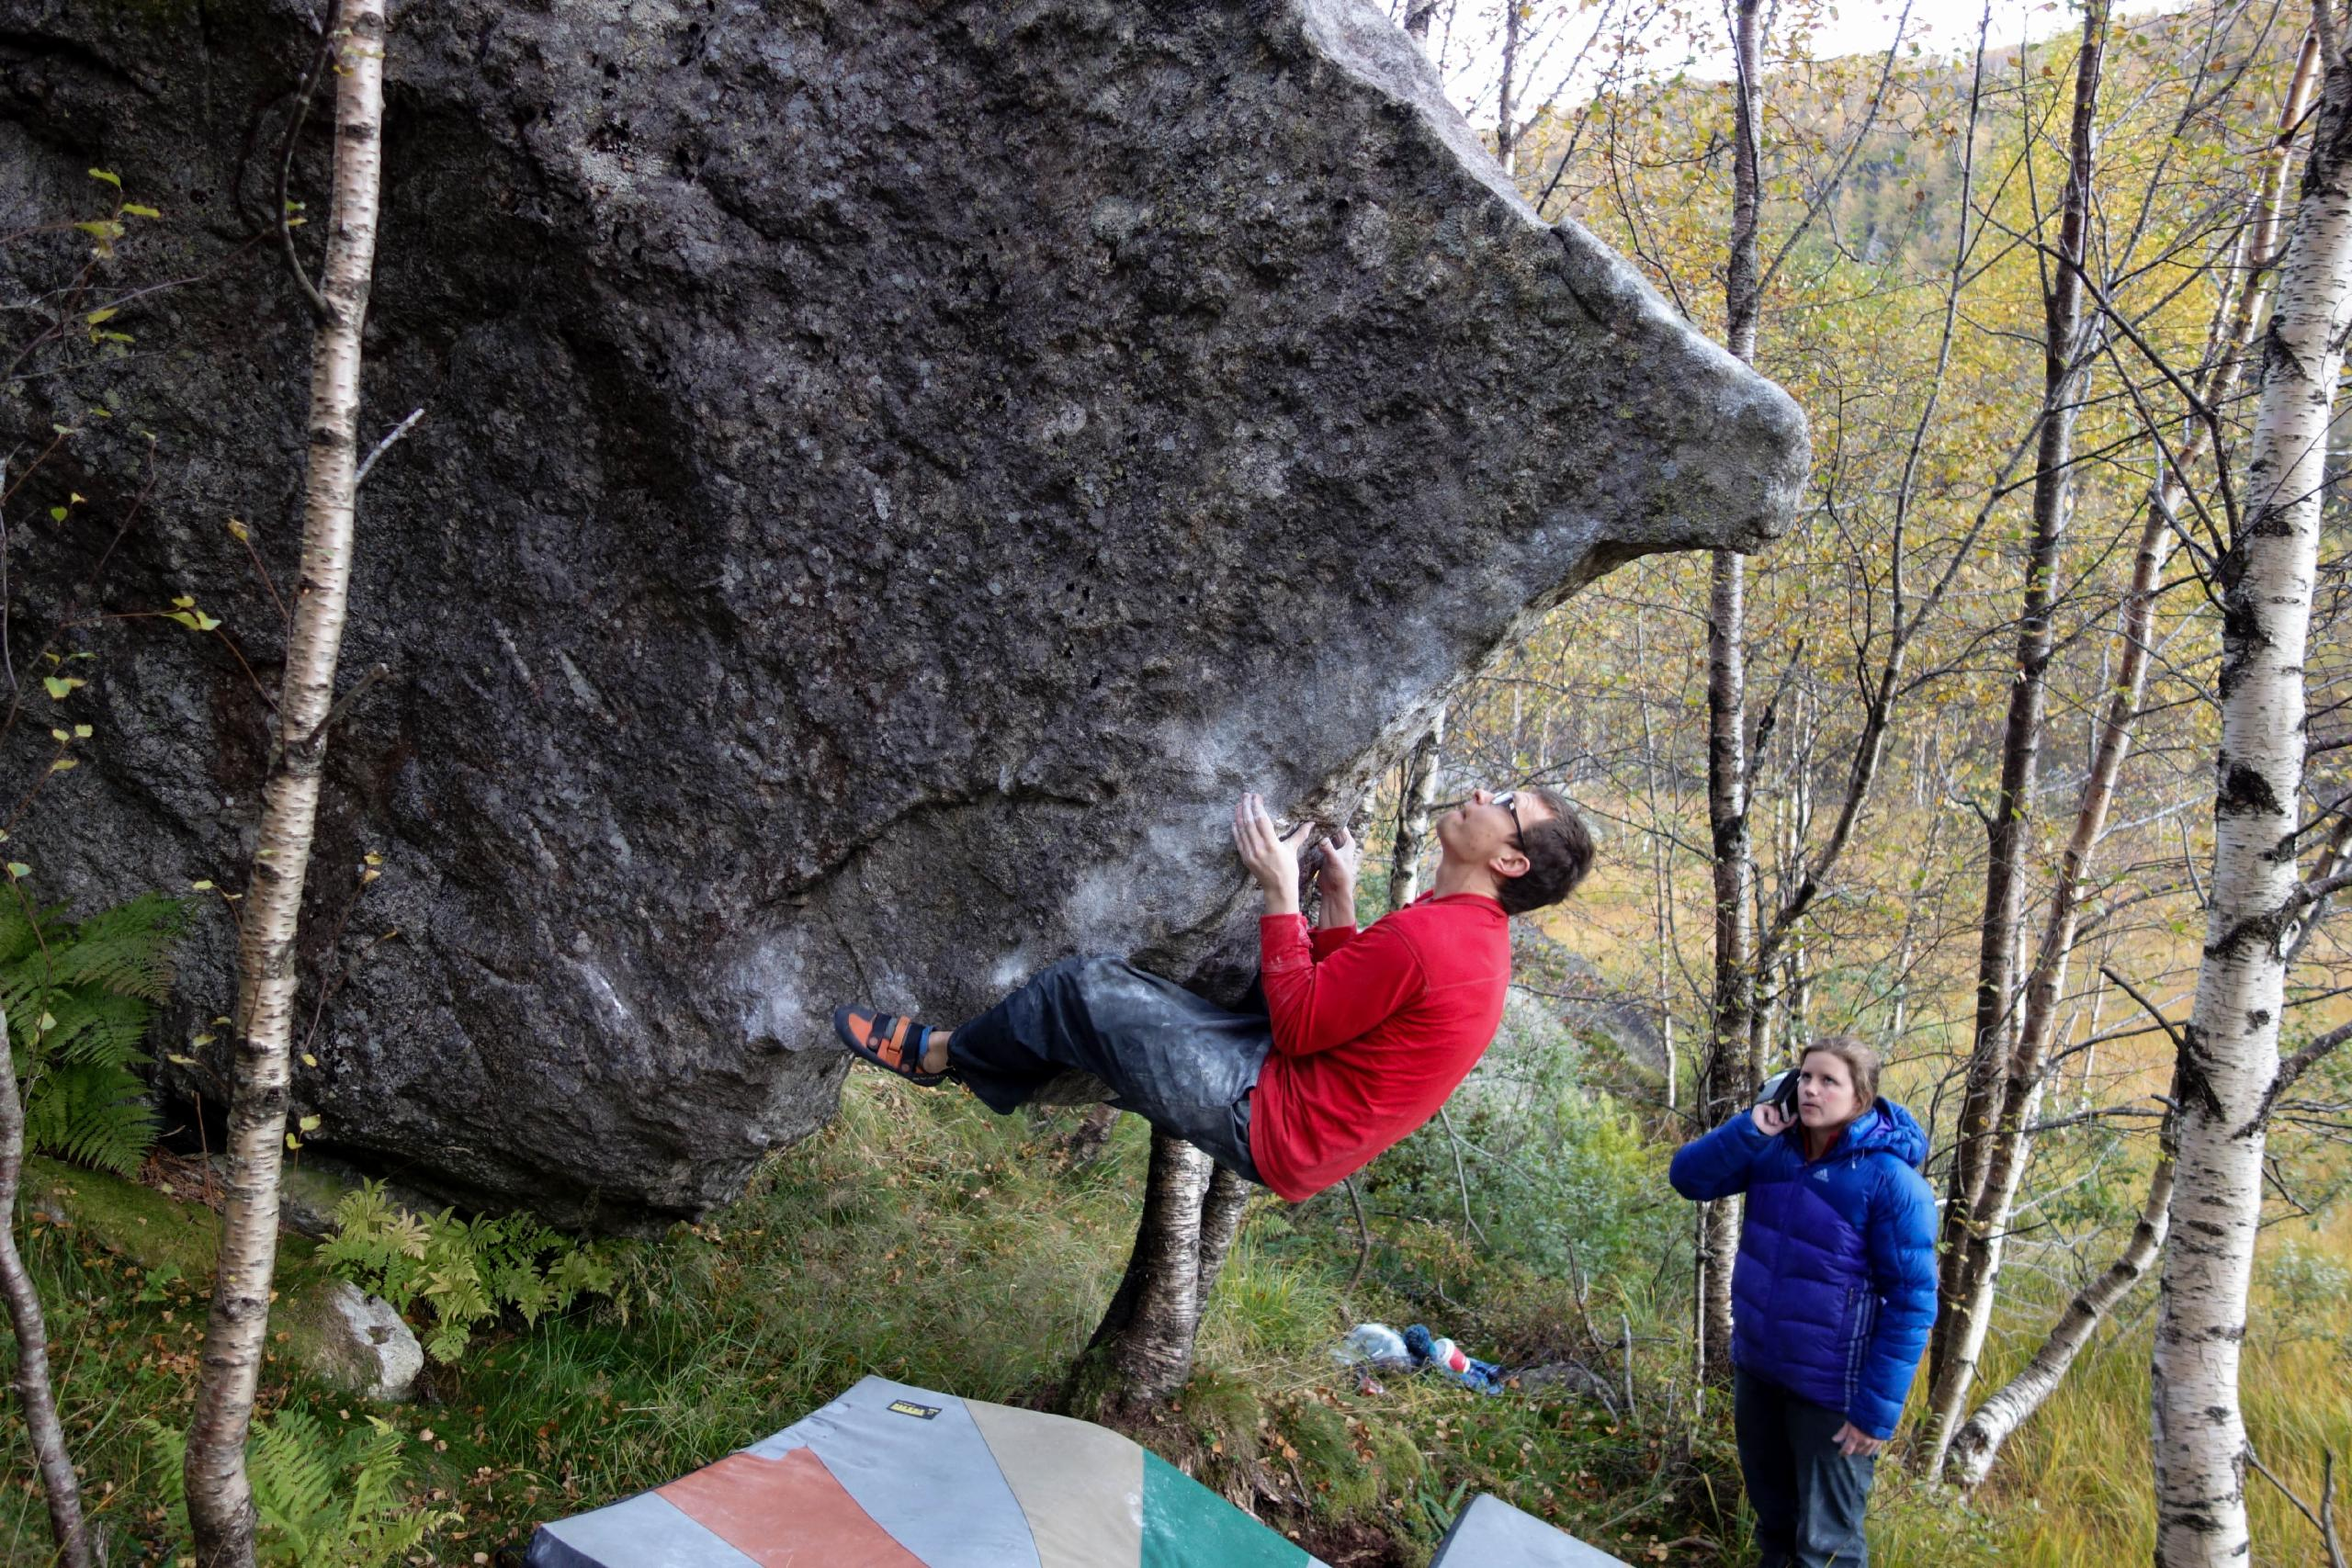 photographer: Jostein Øygarden, in photo: Chris Christensen